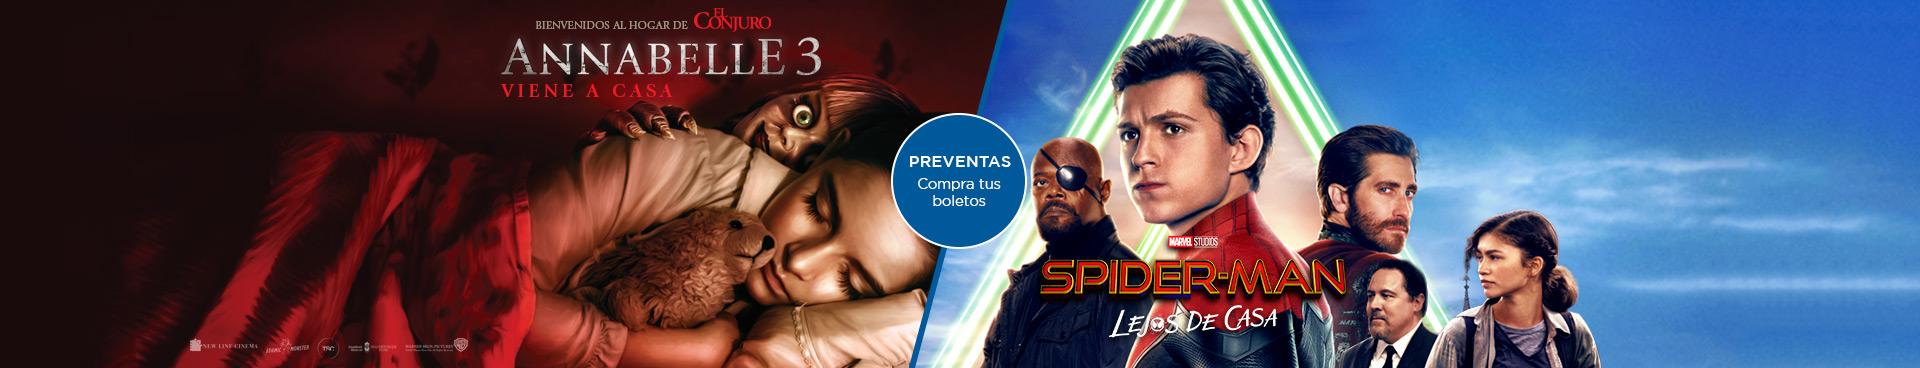 Preventas: Annabelle 3: Viene a Casa / Spider-Man: Lejos de Casa